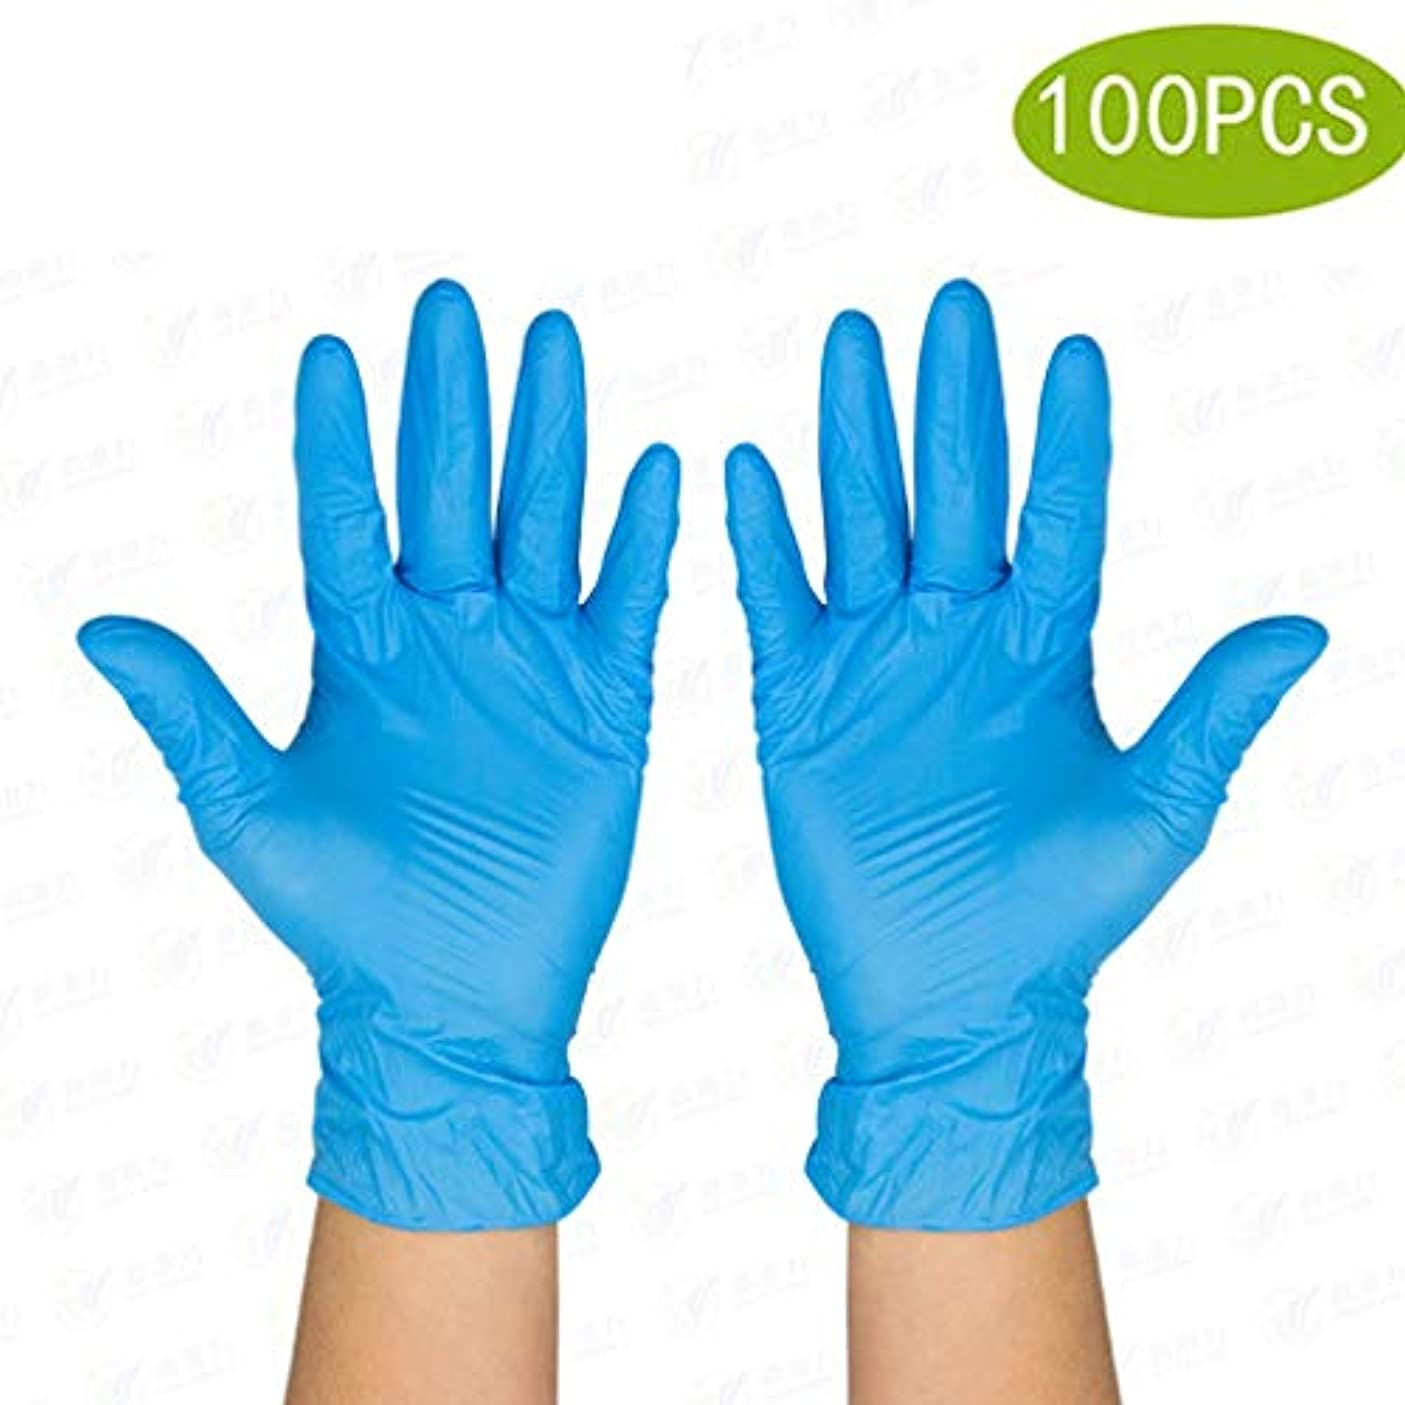 蒸し器海港はっきりと保護用使い捨てニトリル医療用手袋、3mil、ラテックスフリー、試験グレードの手袋、質感のある、両性、非滅菌の、100ラテックス手袋のパック (Color : Blue, Size : L)